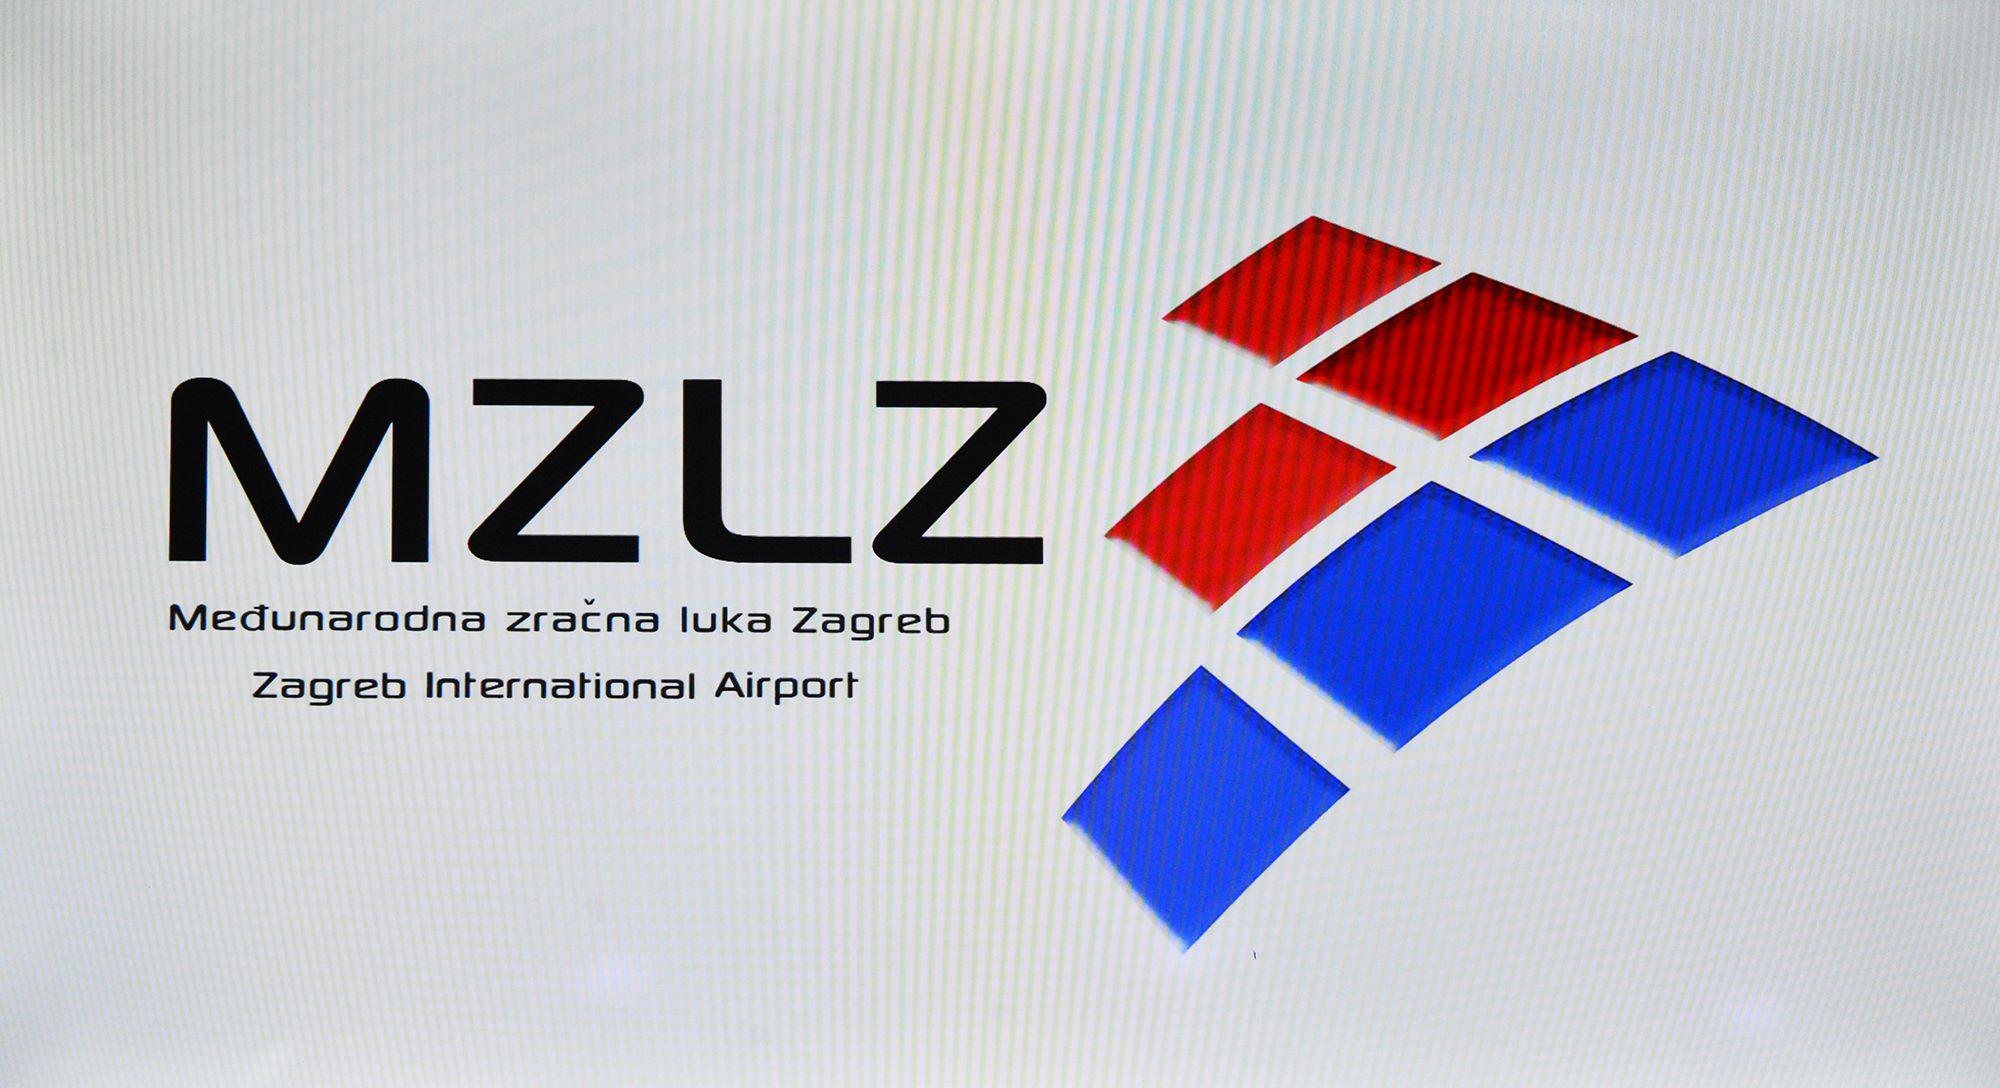 zračna luka, znak